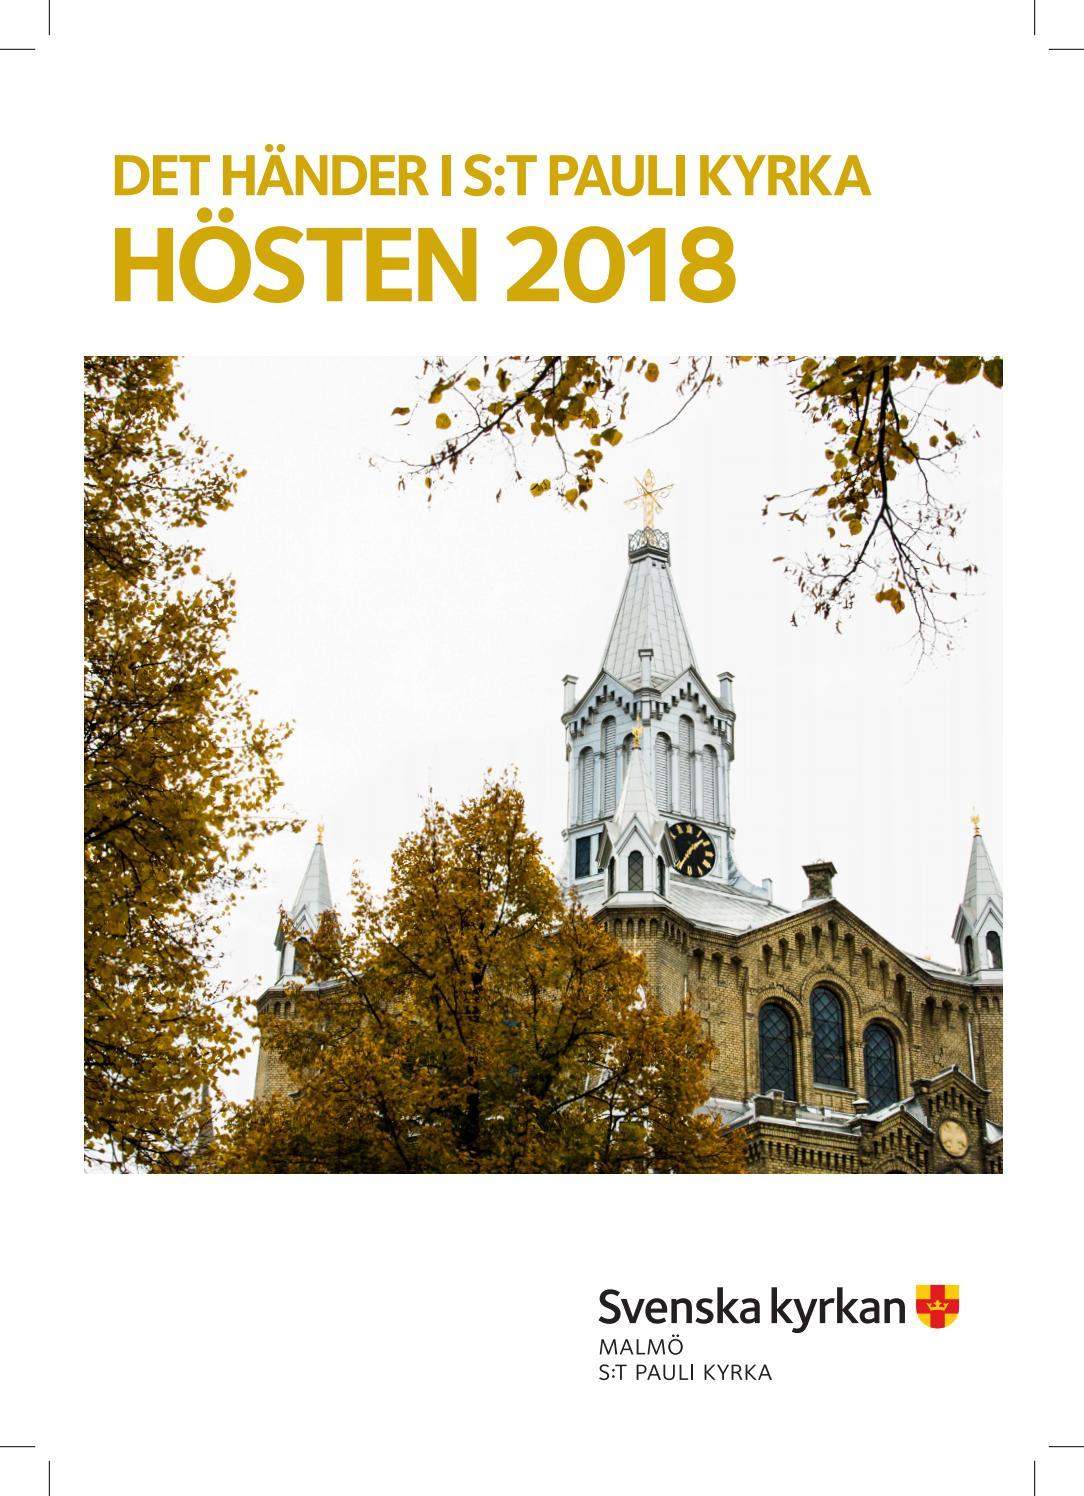 Kyrkoblad S:t Pauli kyrka hsten 2019 by Svenska kyrkan